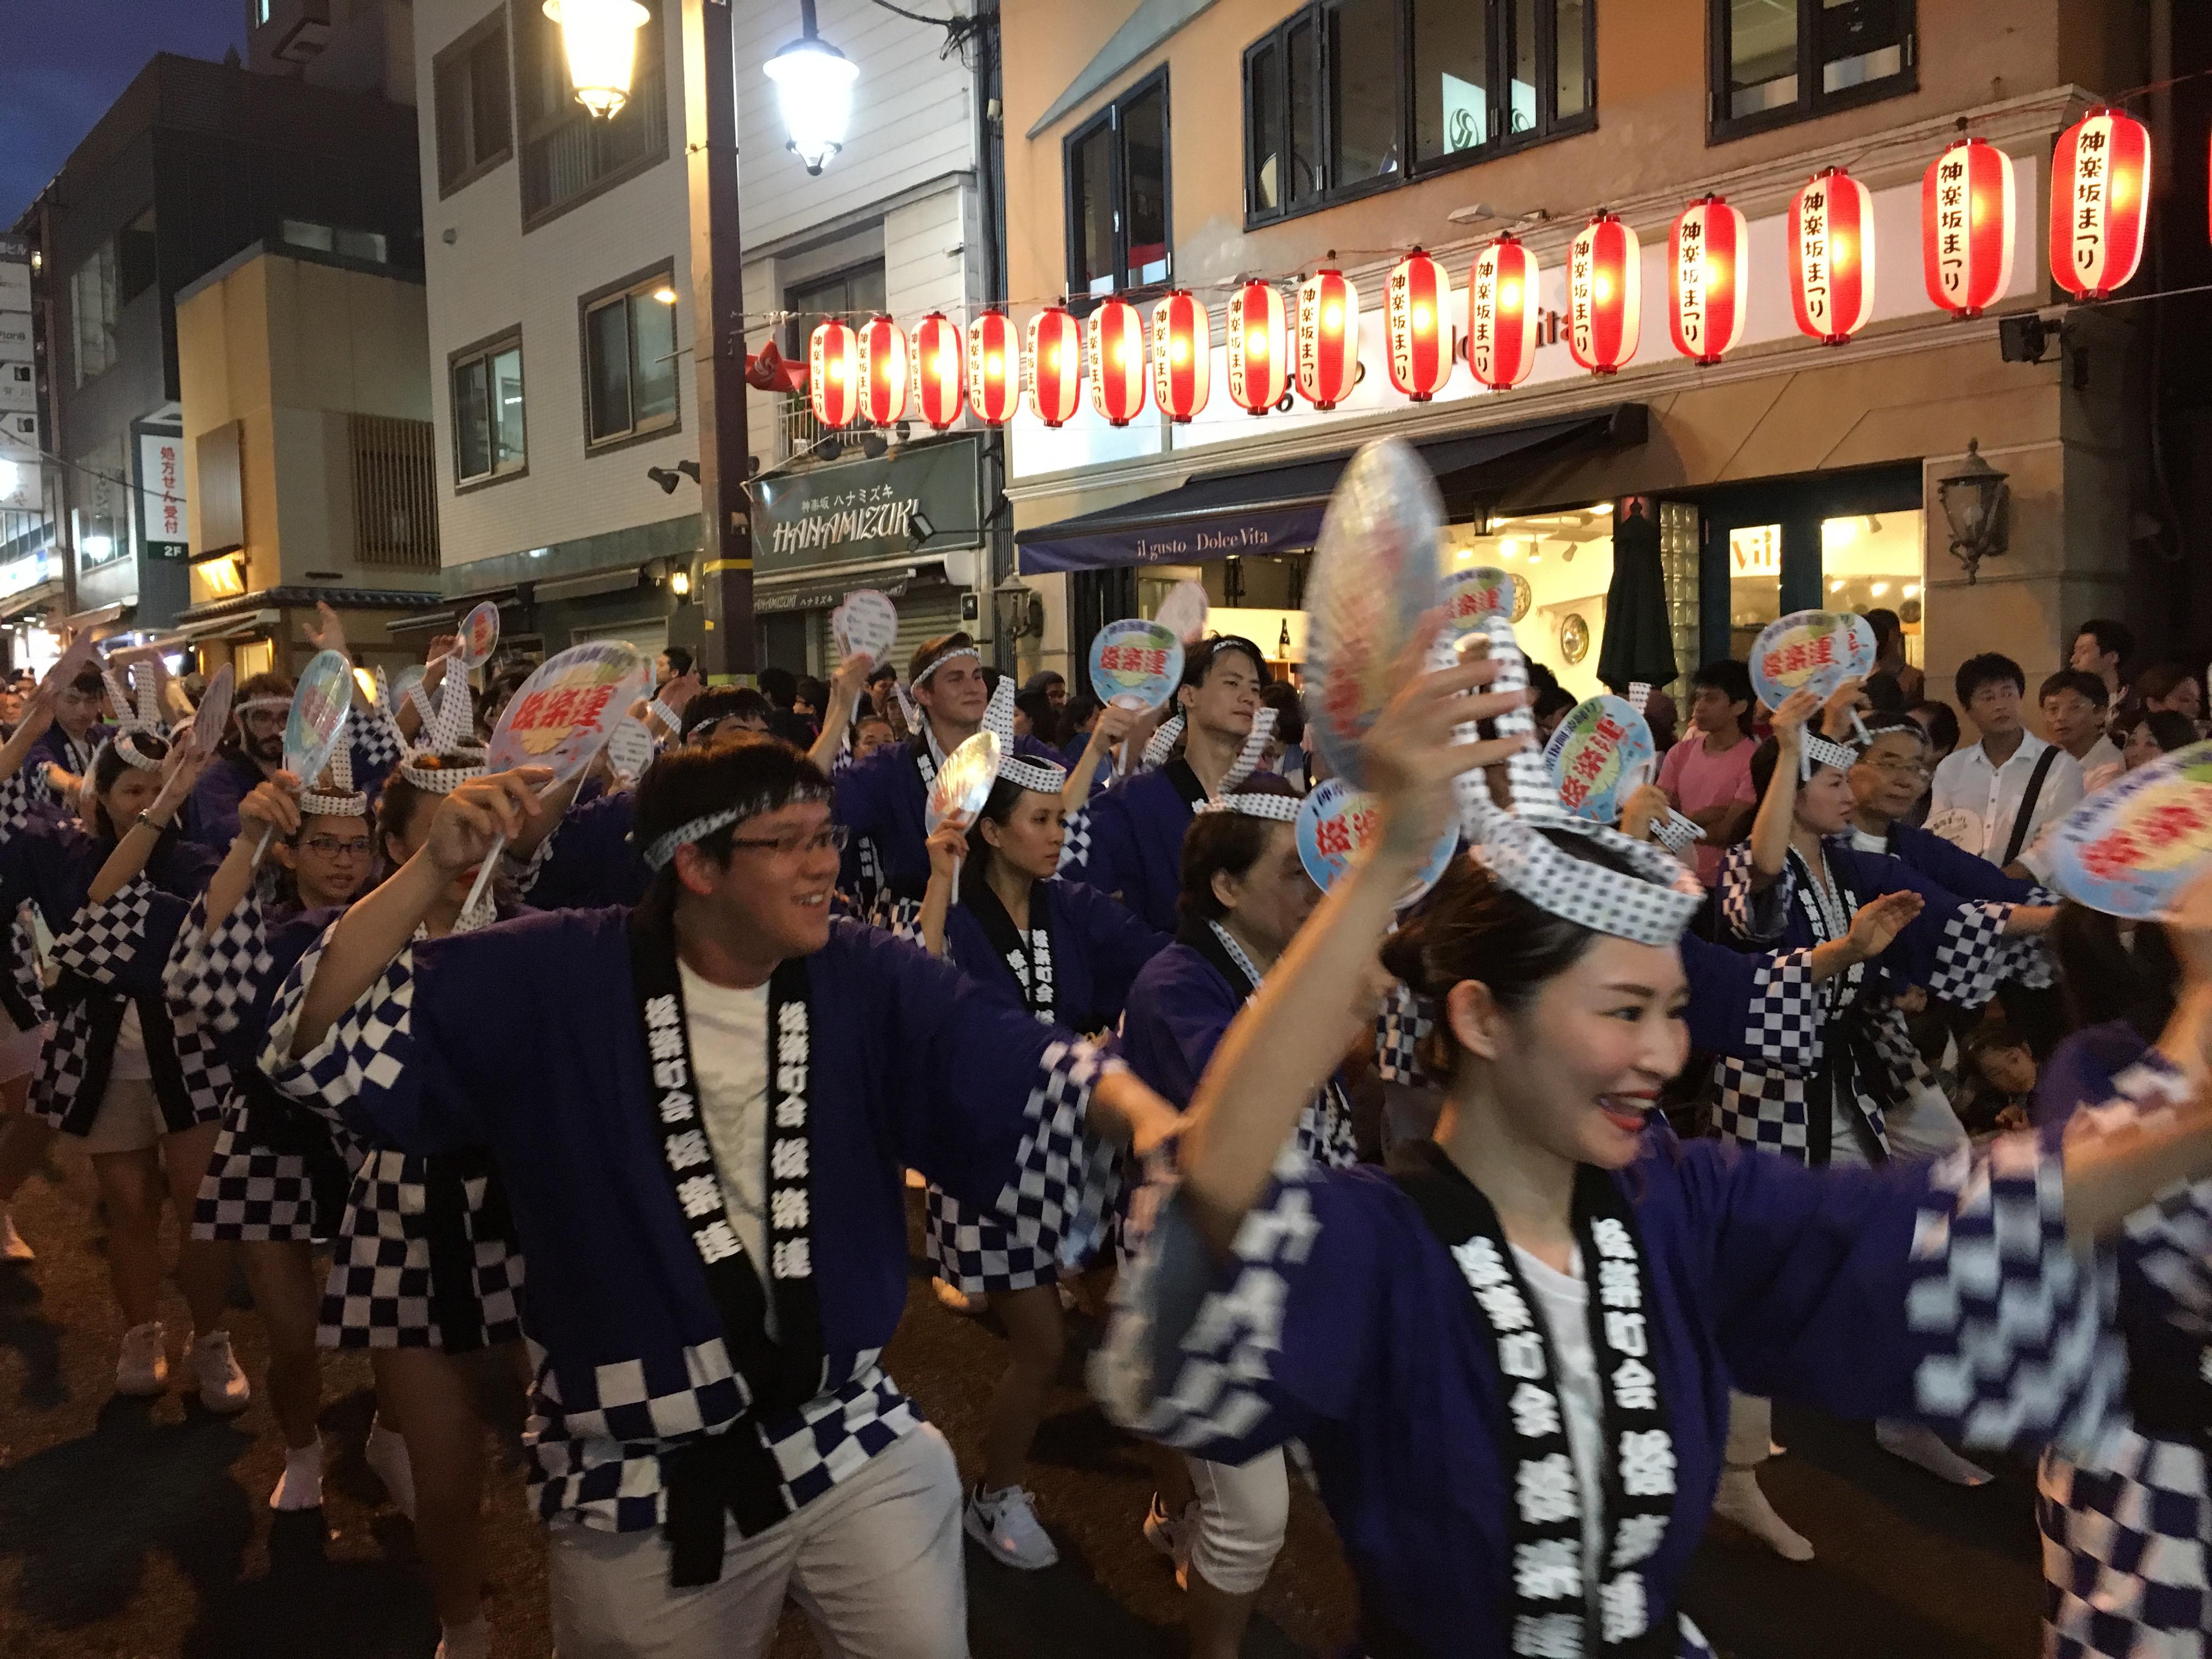 2018年神楽坂まつりの阿波踊りに参加しました